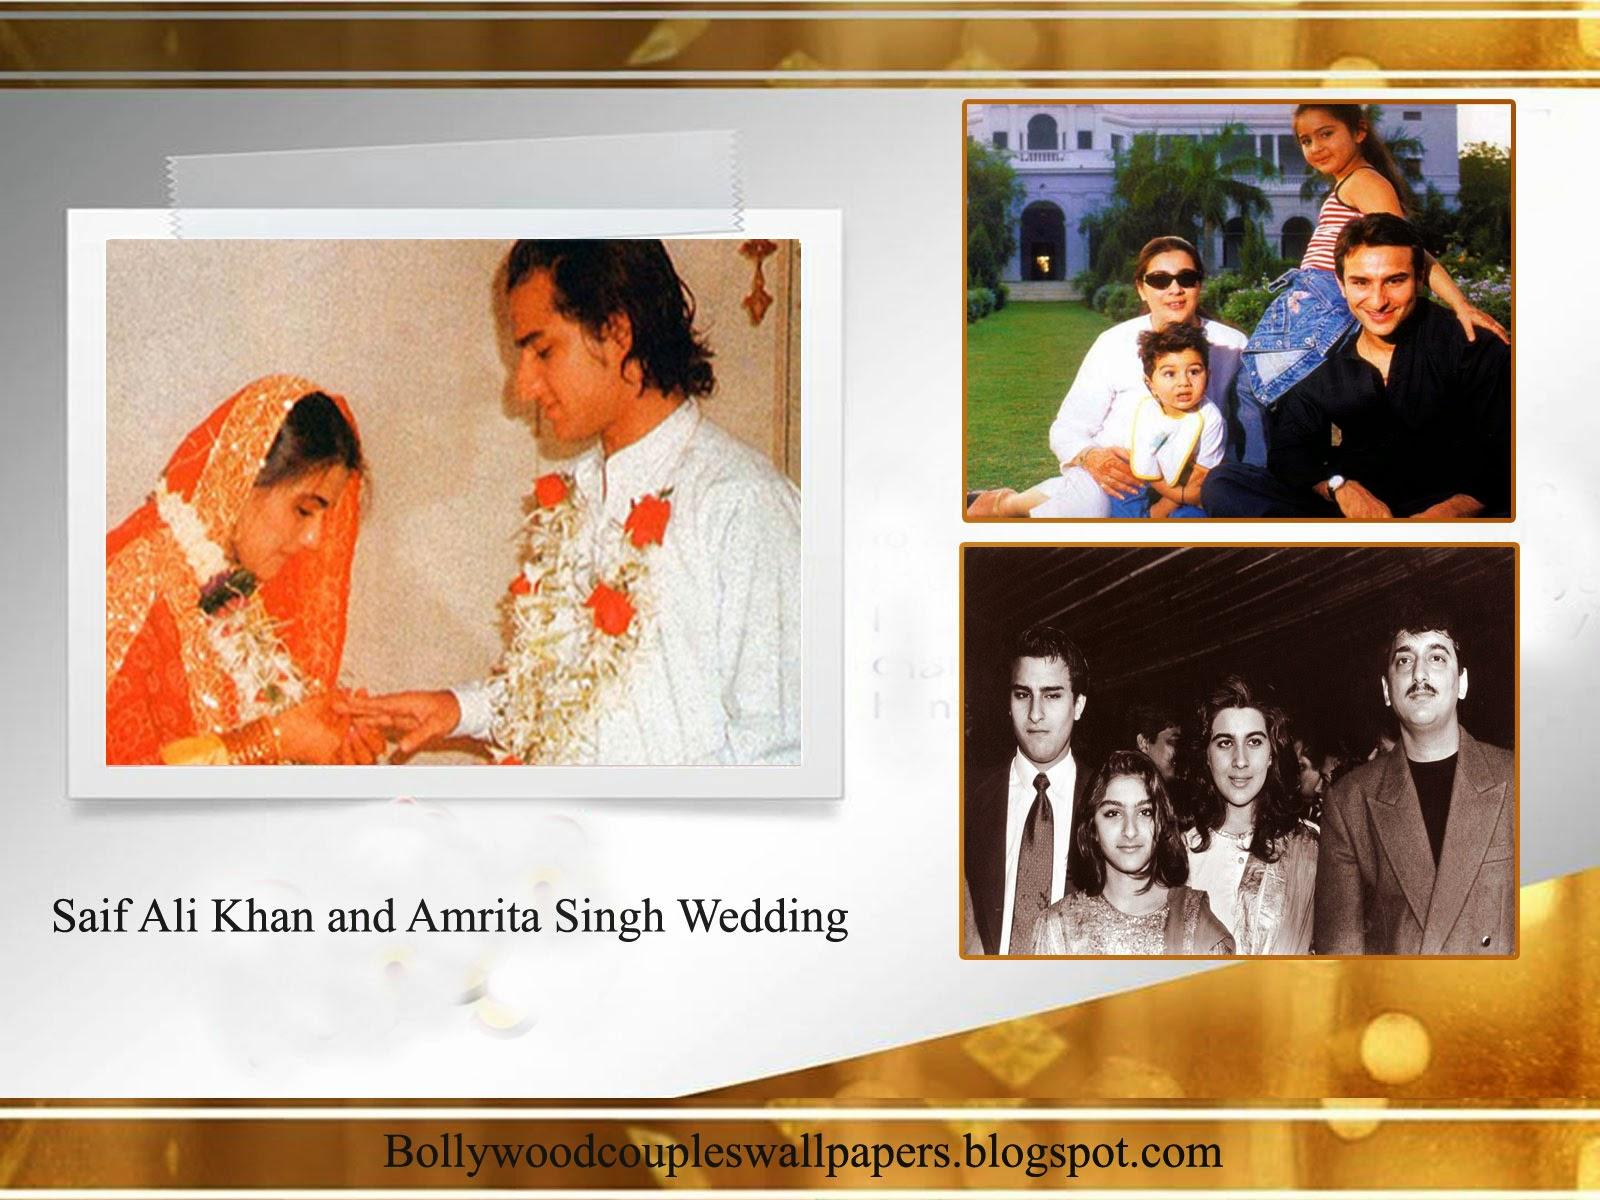 c indiafm Aamir Khan Aamir Hussain Khan AK 1431965 Aamir Khan ist neben seinen Namensvettern Shahrukh Khan und Salman Khan mit denen er nicht verwandt ist